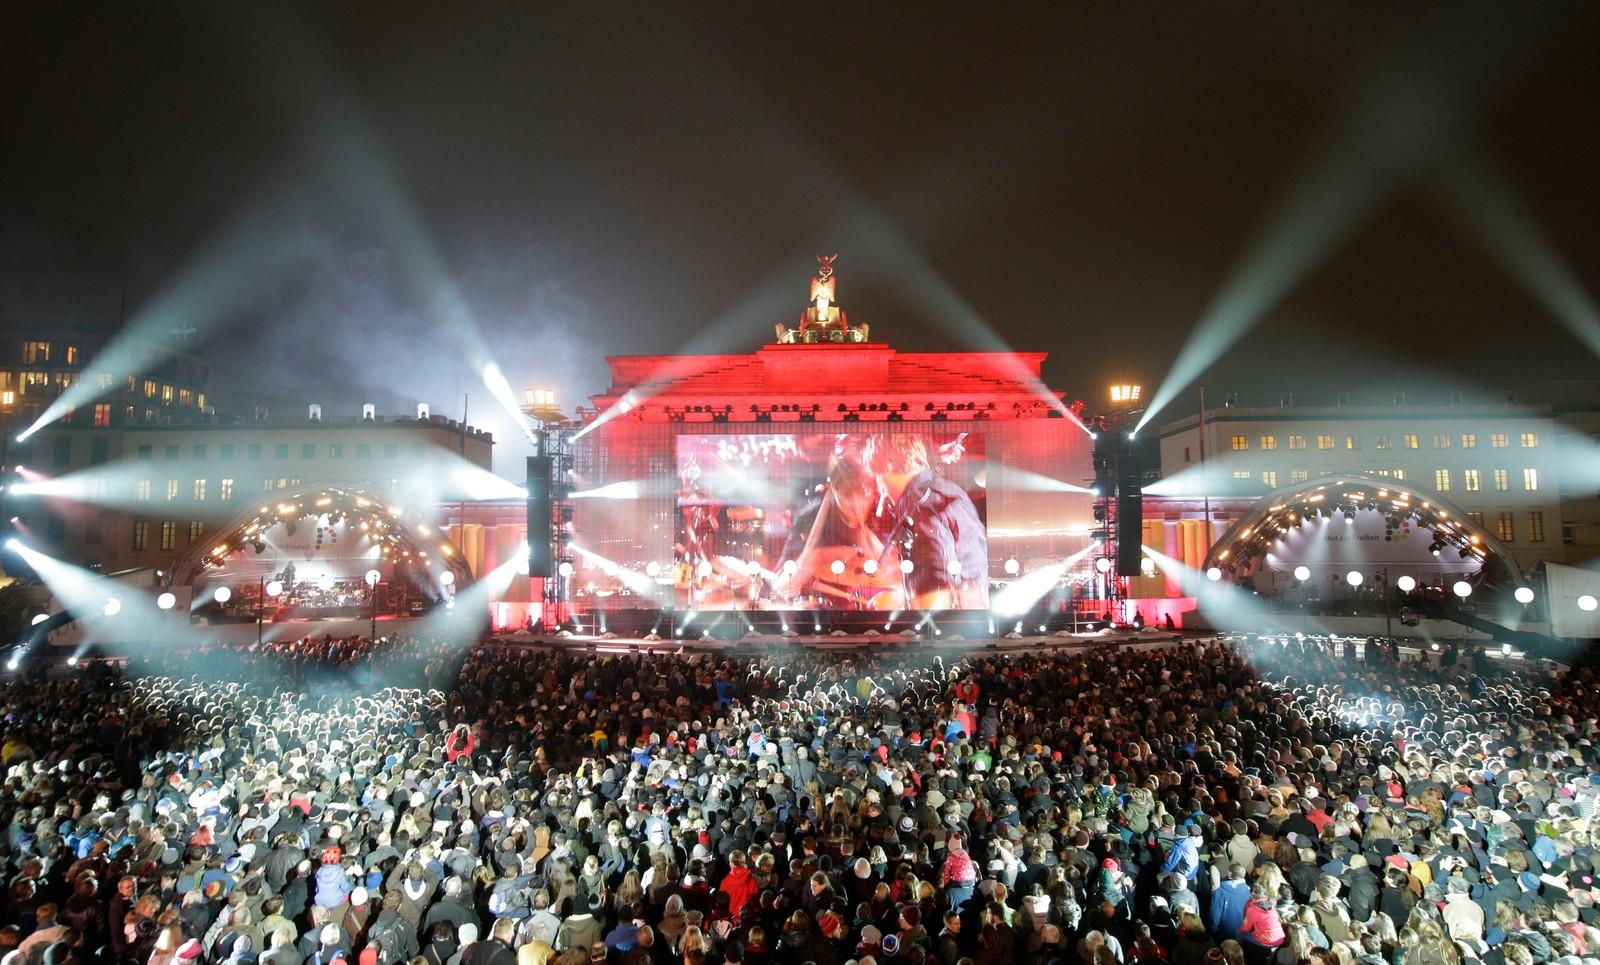 Tusenvis av mennesker deltar på en utendørs folkefest ved Brandenburger Tor i Berlin.